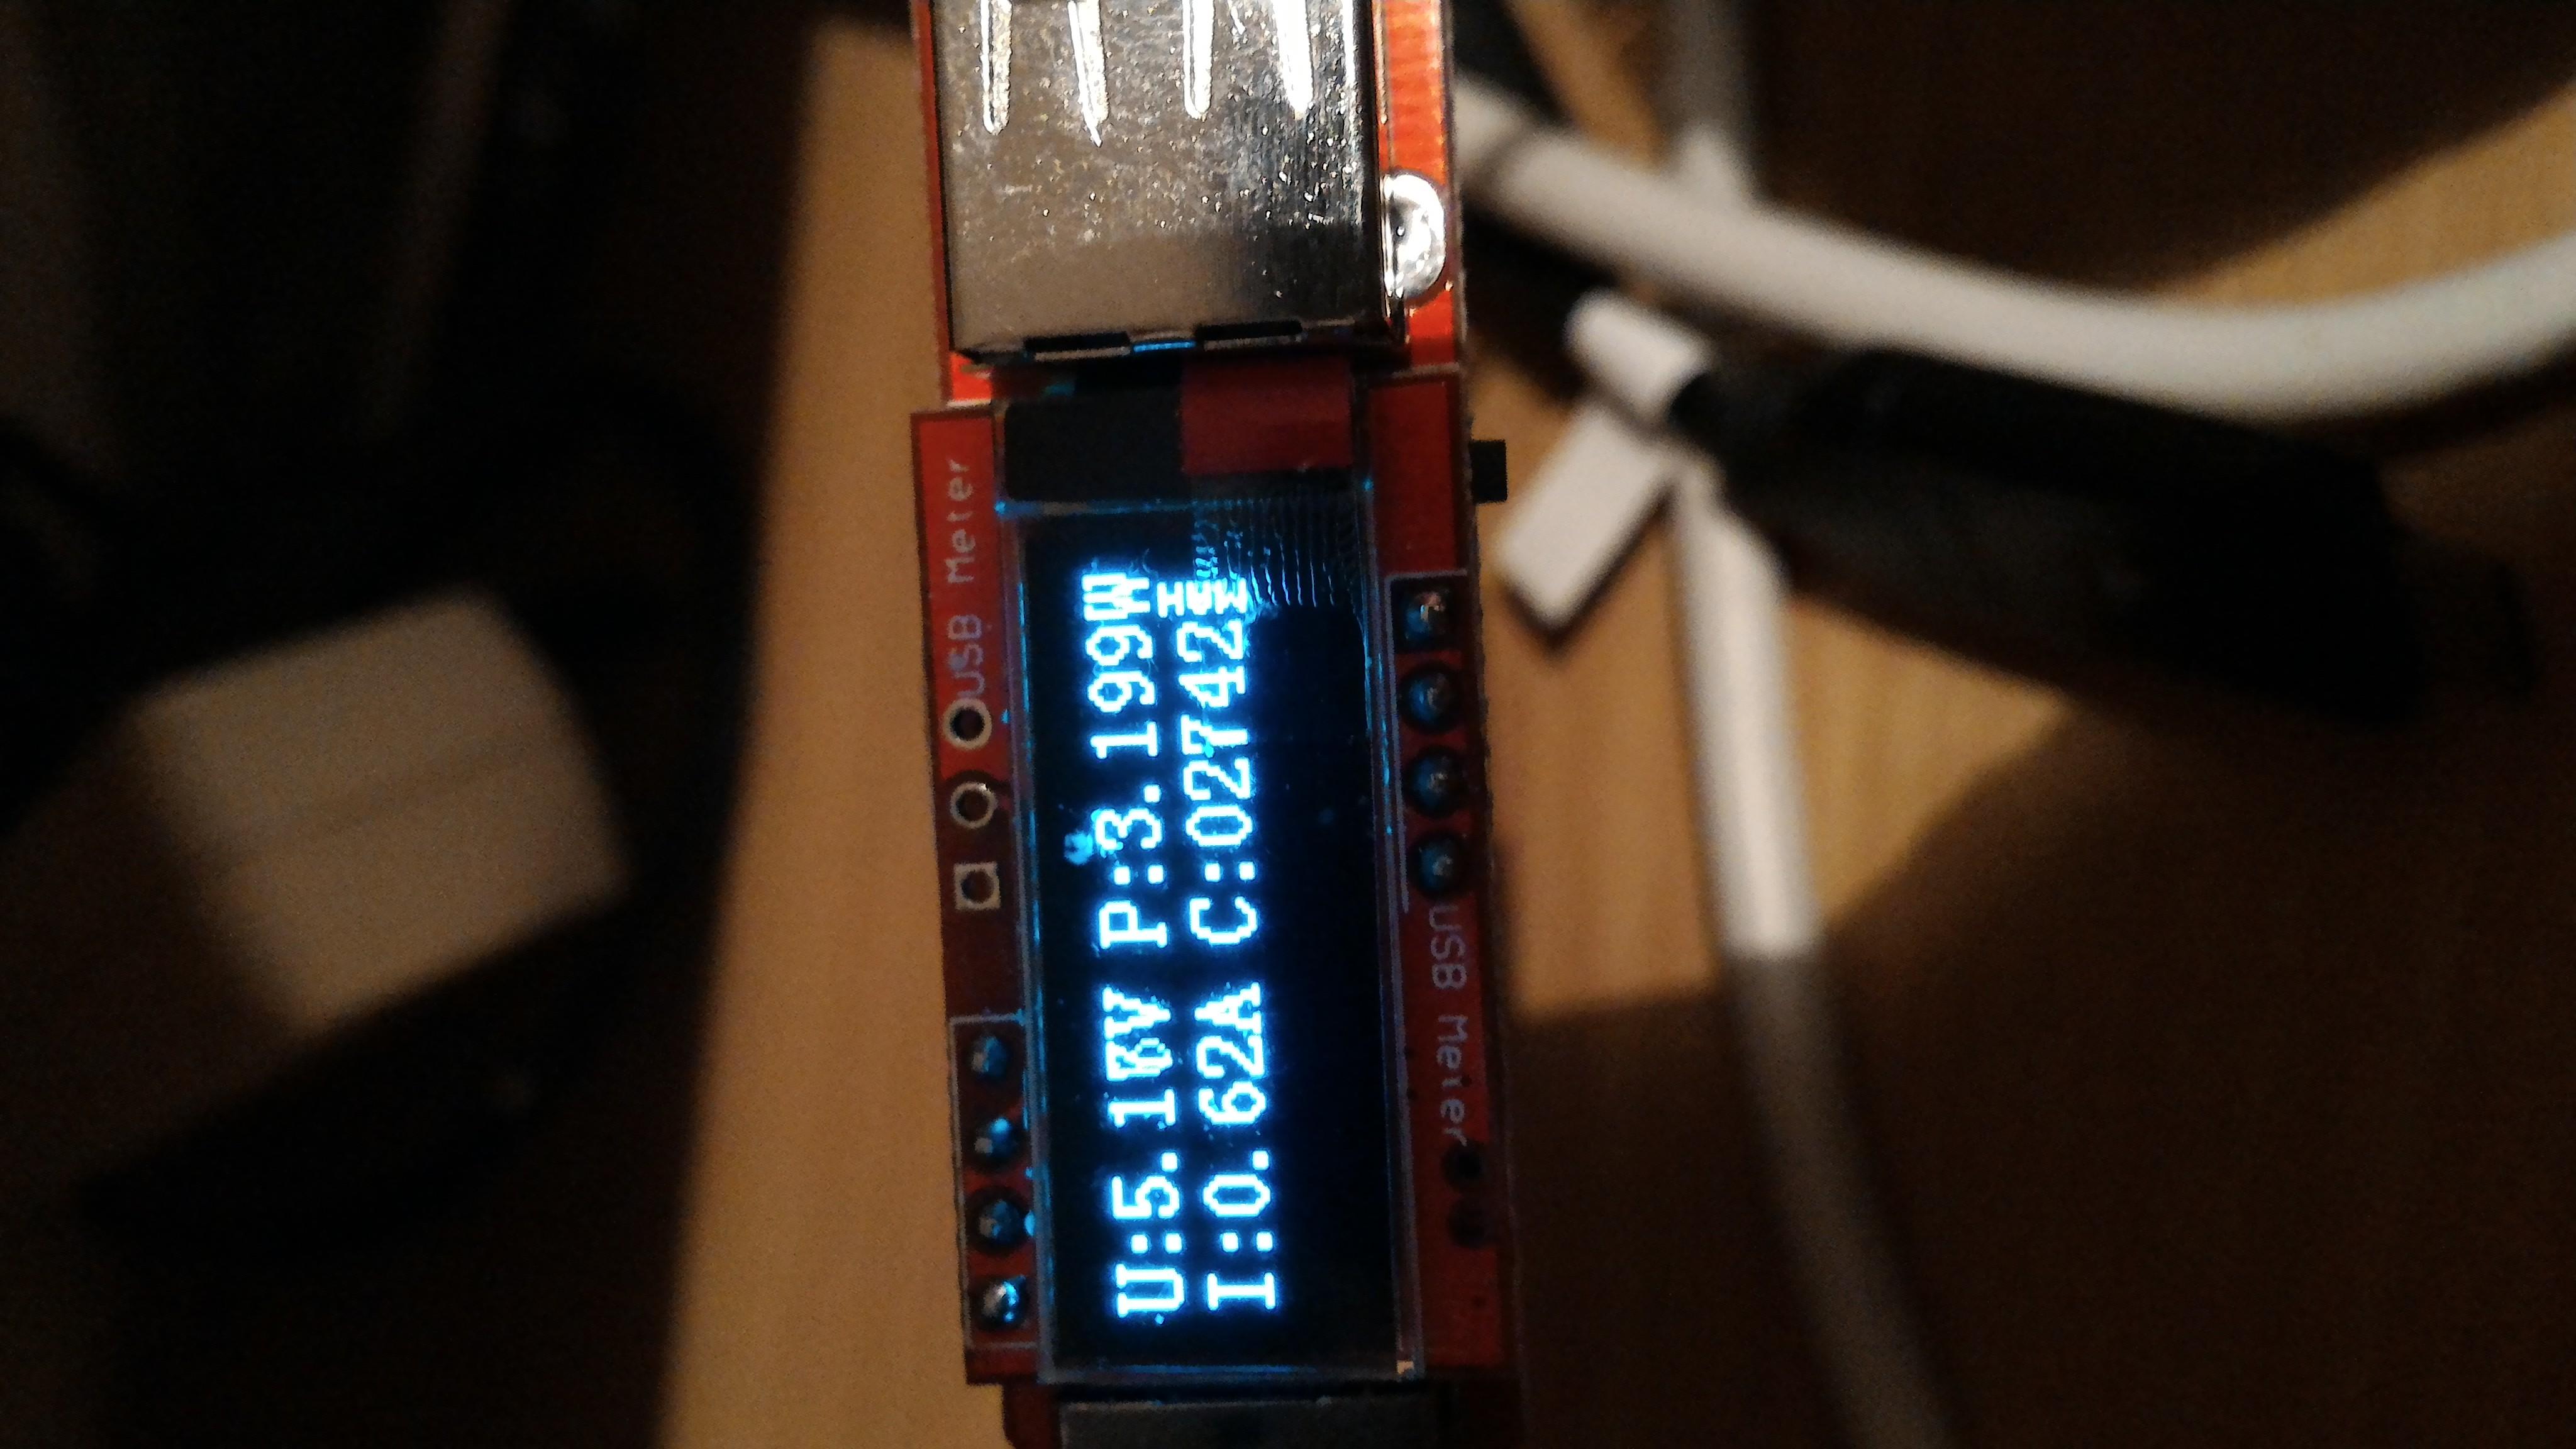 Capacité batterie asus zenfone 2